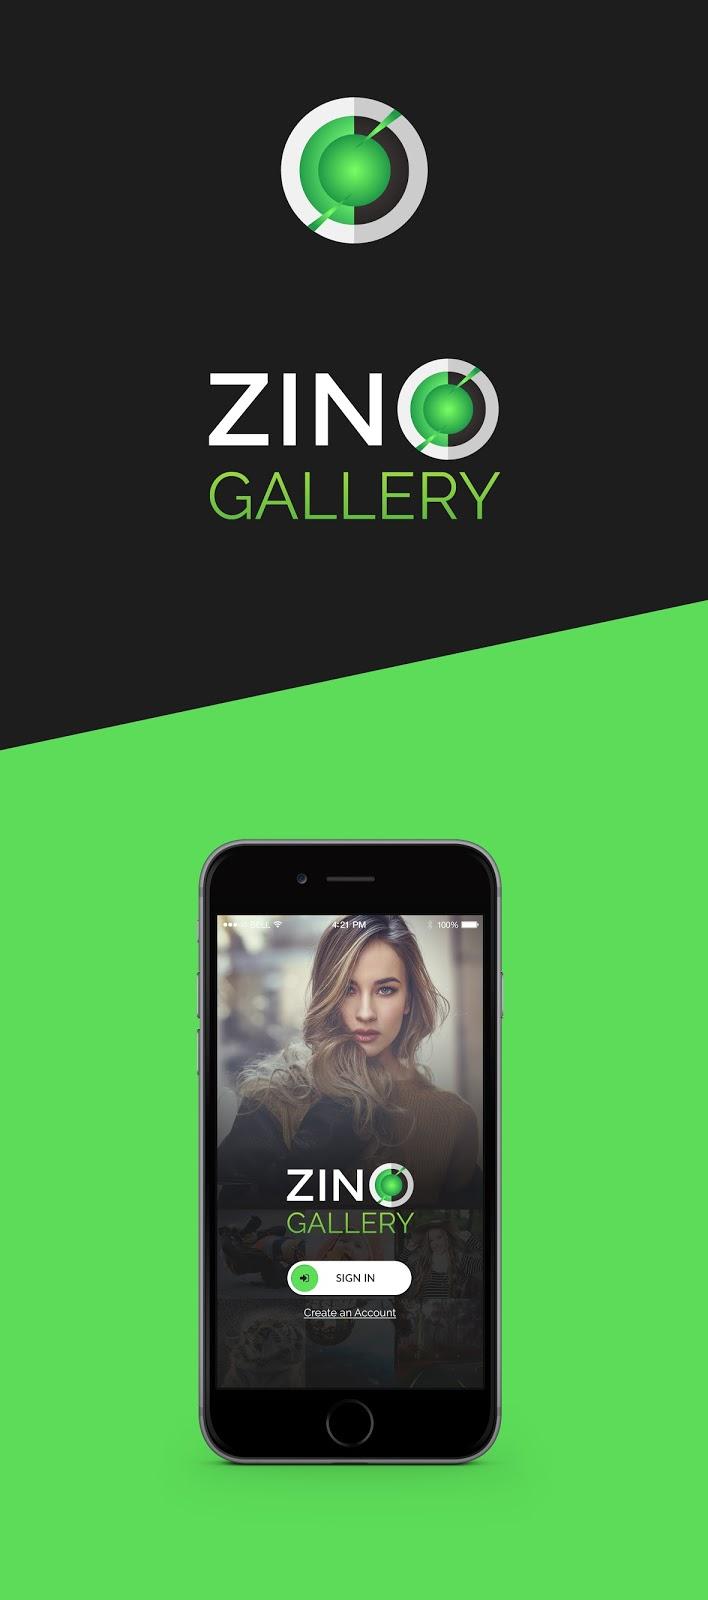 https://www.behance.net/gallery/54669621/ZIN-GALLERY-app-part-2